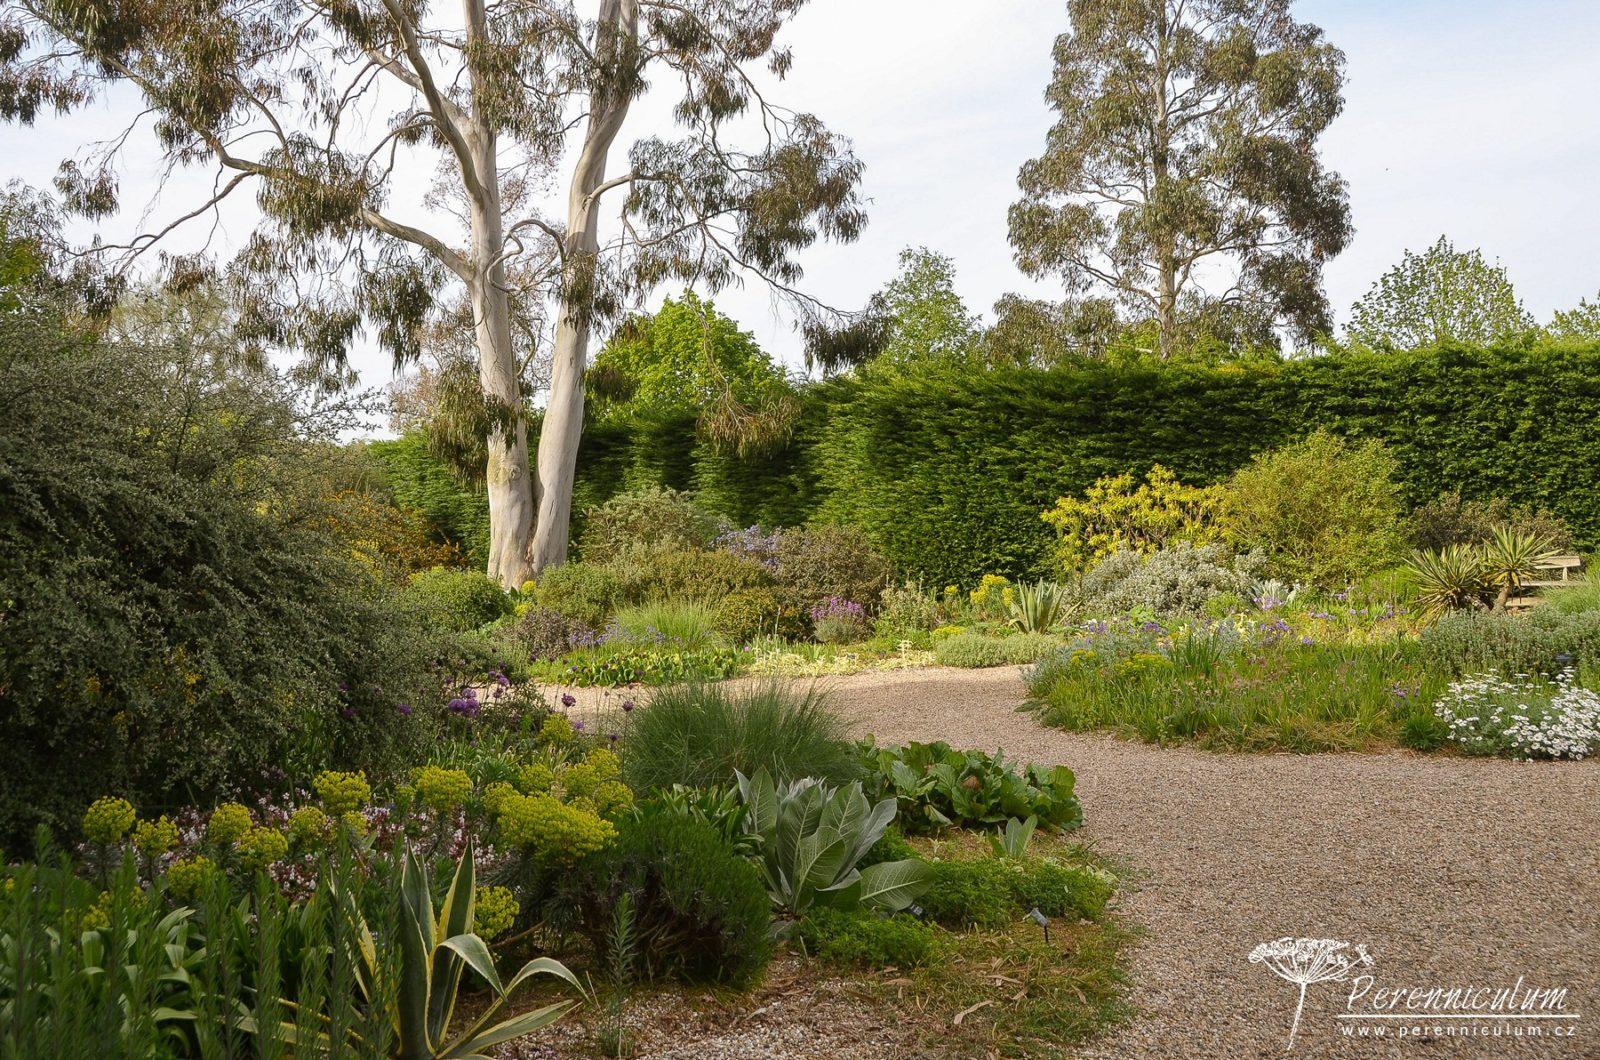 Gravel Garden, tzv. Štěrková nebo také suchá zahrada osázená jen suchomilnými rostlinami, které ani největších vedrech a suchých obdobích nepotřebují zálivku.